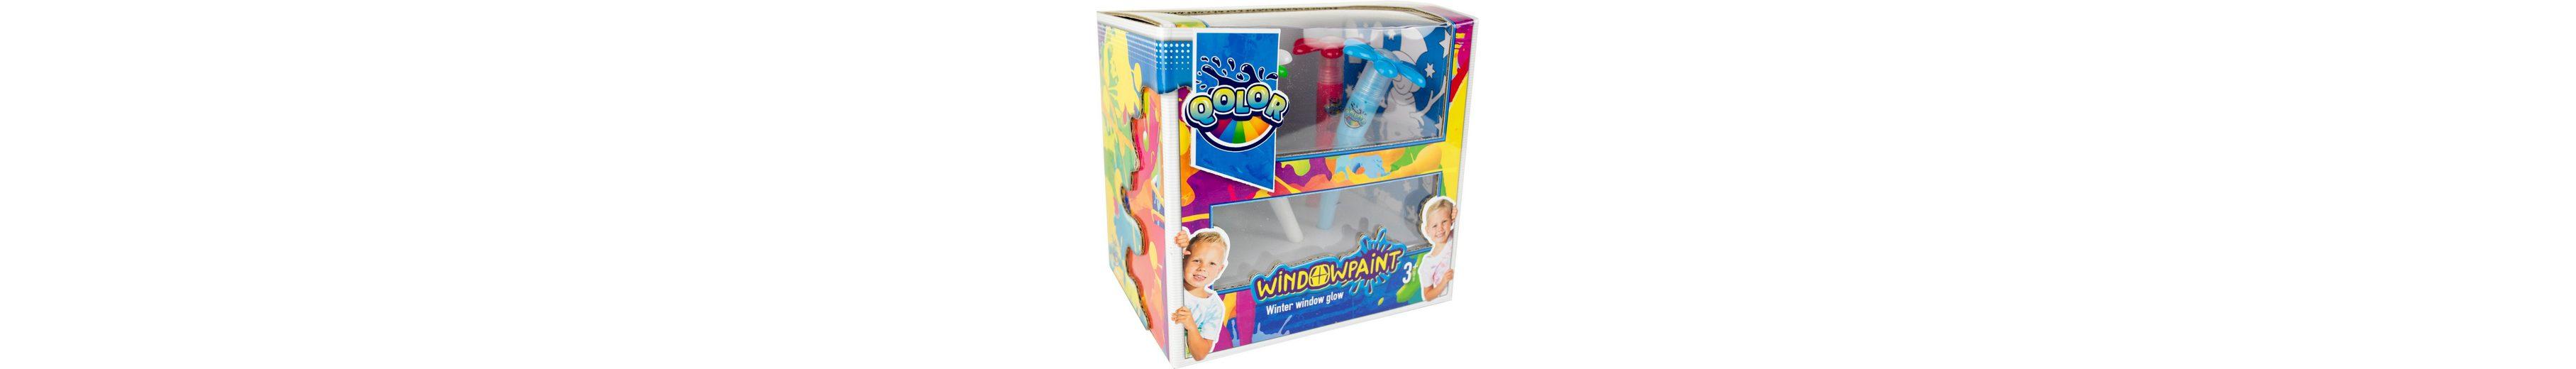 Fensterfarben Set, »Qolor Windowpaint Winter window glow«